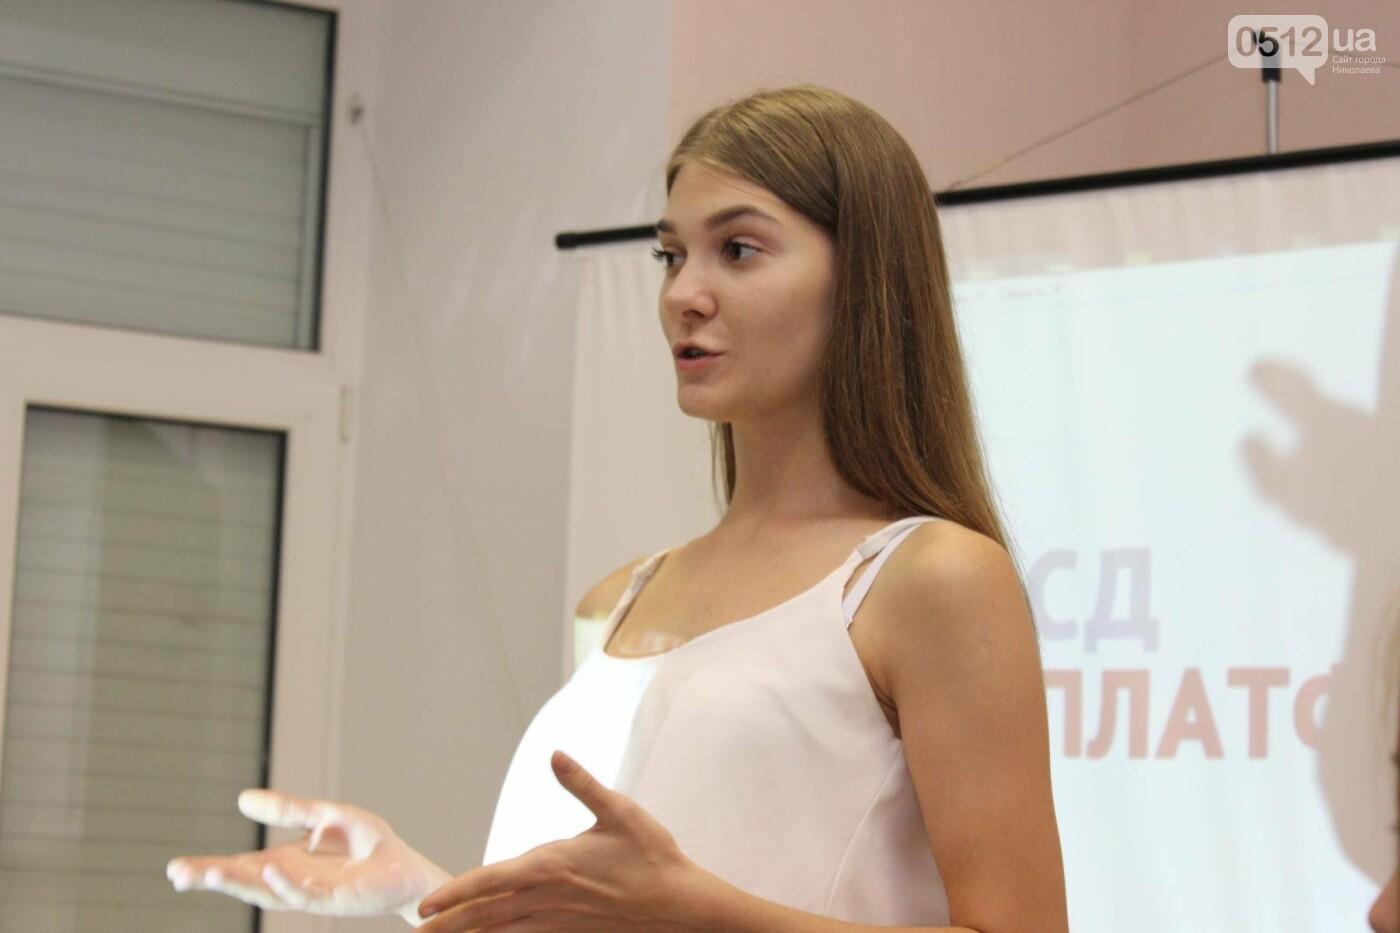 Николаевской молодежи рассказали о важности политической образованности, - ФОТО, фото-5